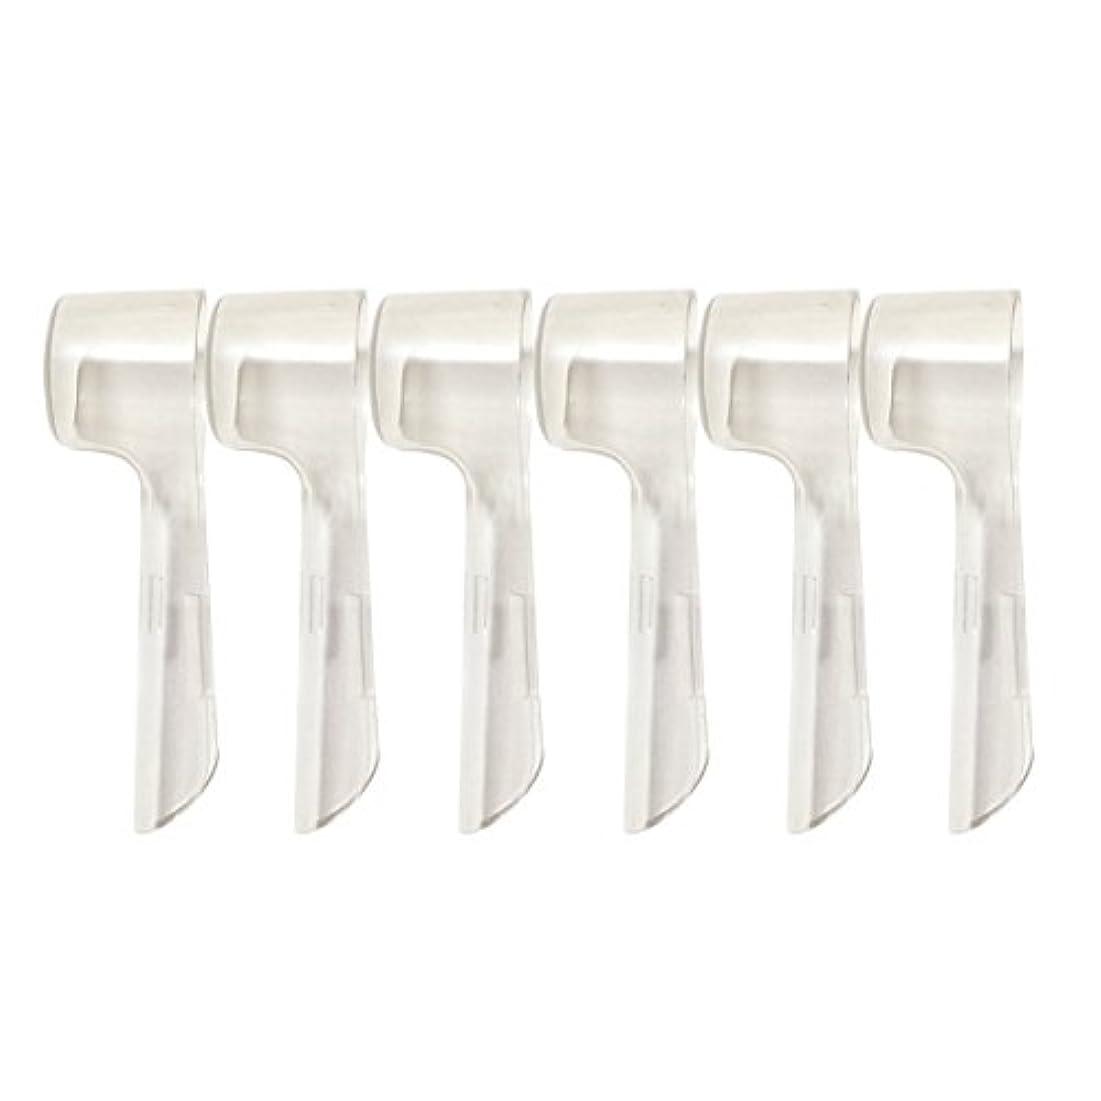 少なくともカレンダー木製SUPVOX 旅行のために便利な電動歯ブラシのための12本の歯ブラシのヘッドカバー